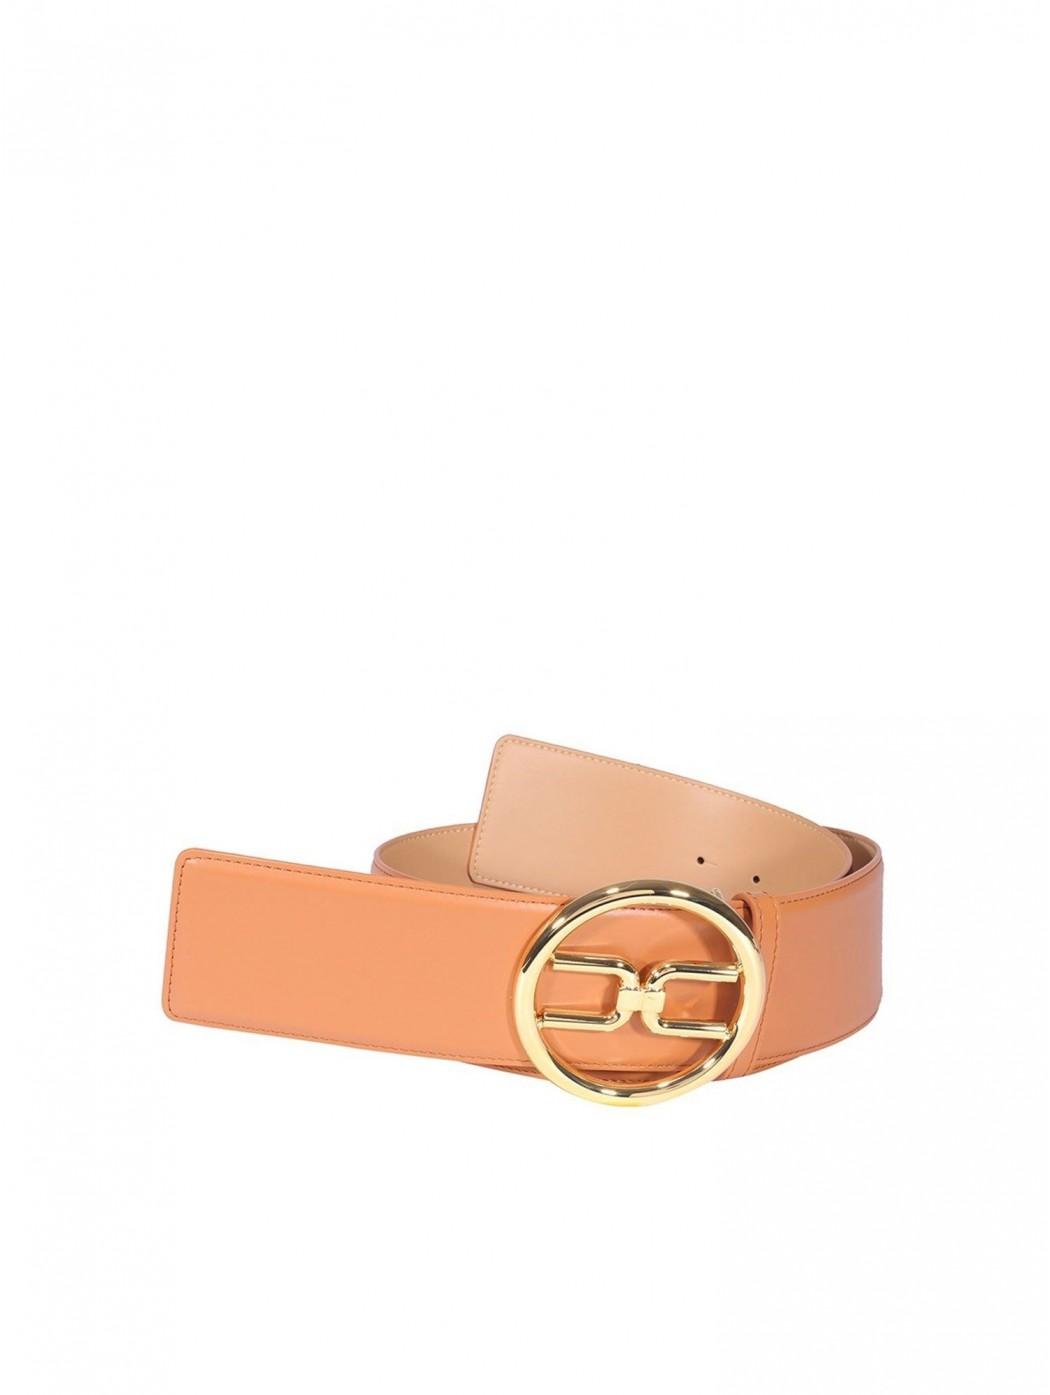 Cintura a vita alta con logo gold Elisabetta Franc ELISABETTA  FRANCHI CT11S11E2 600